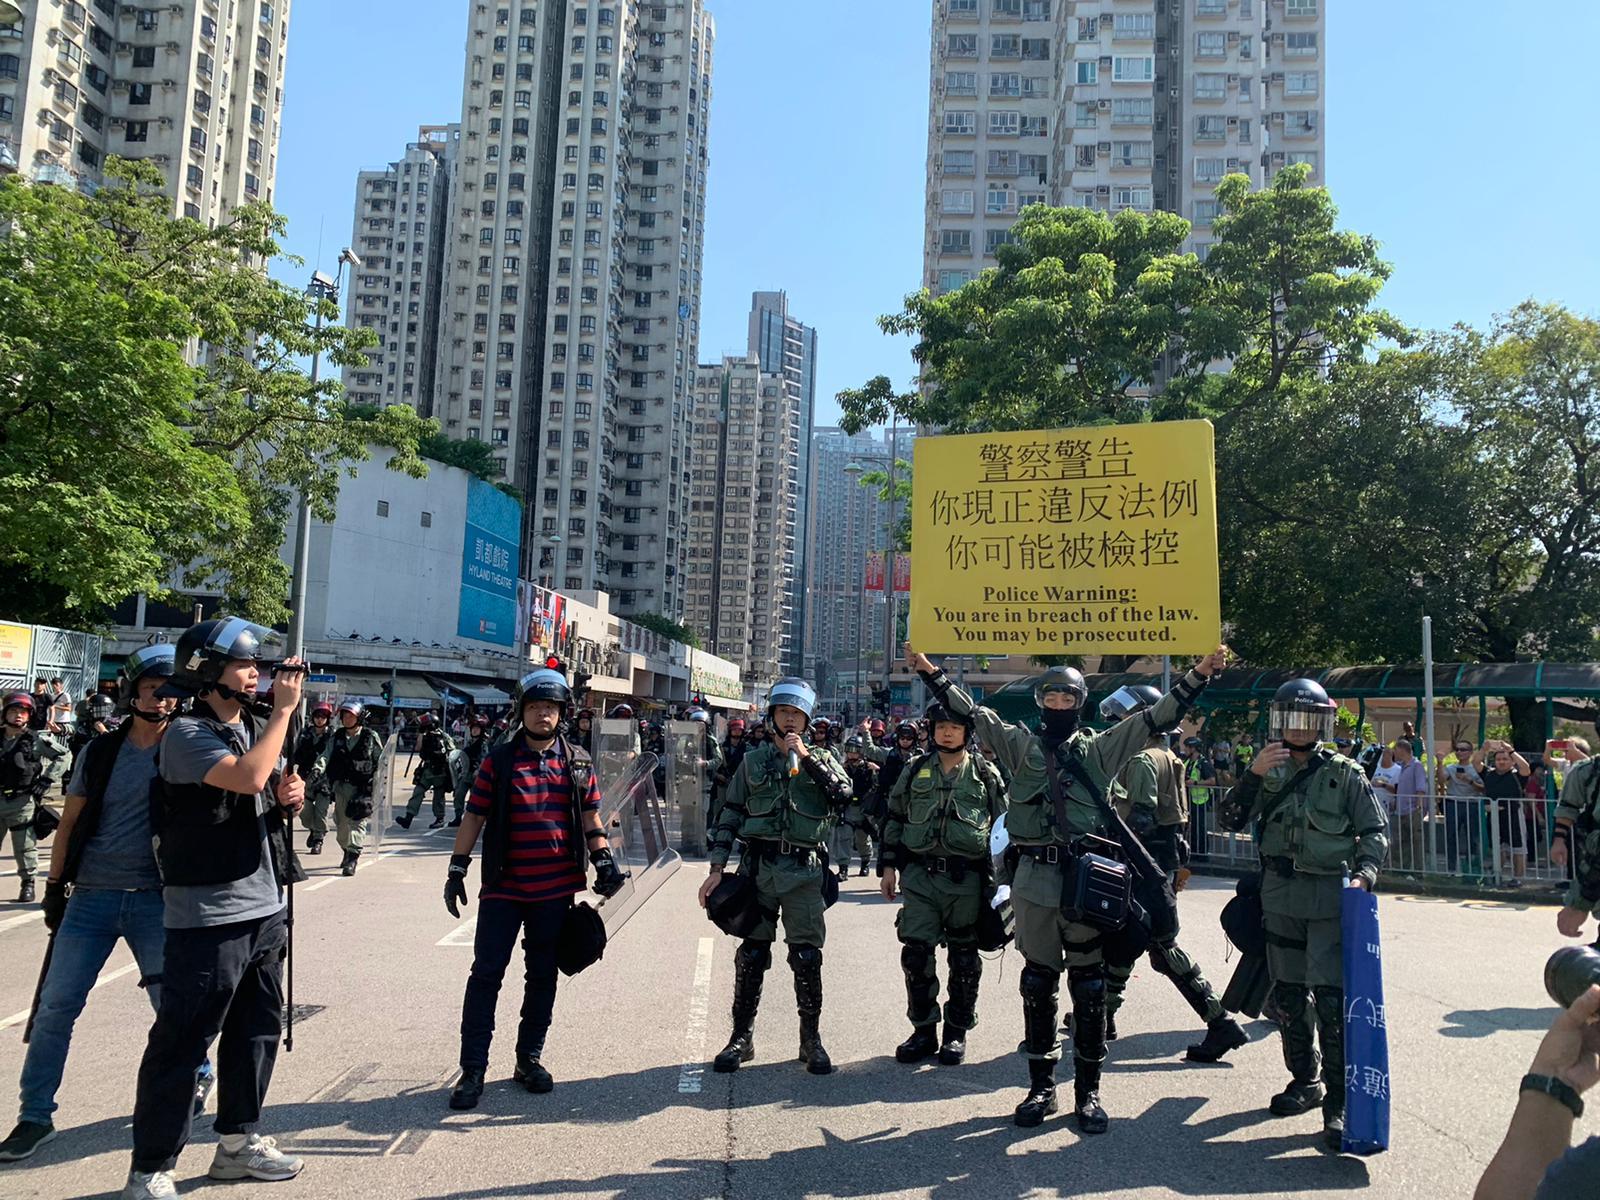 警方舉黃旗警告。